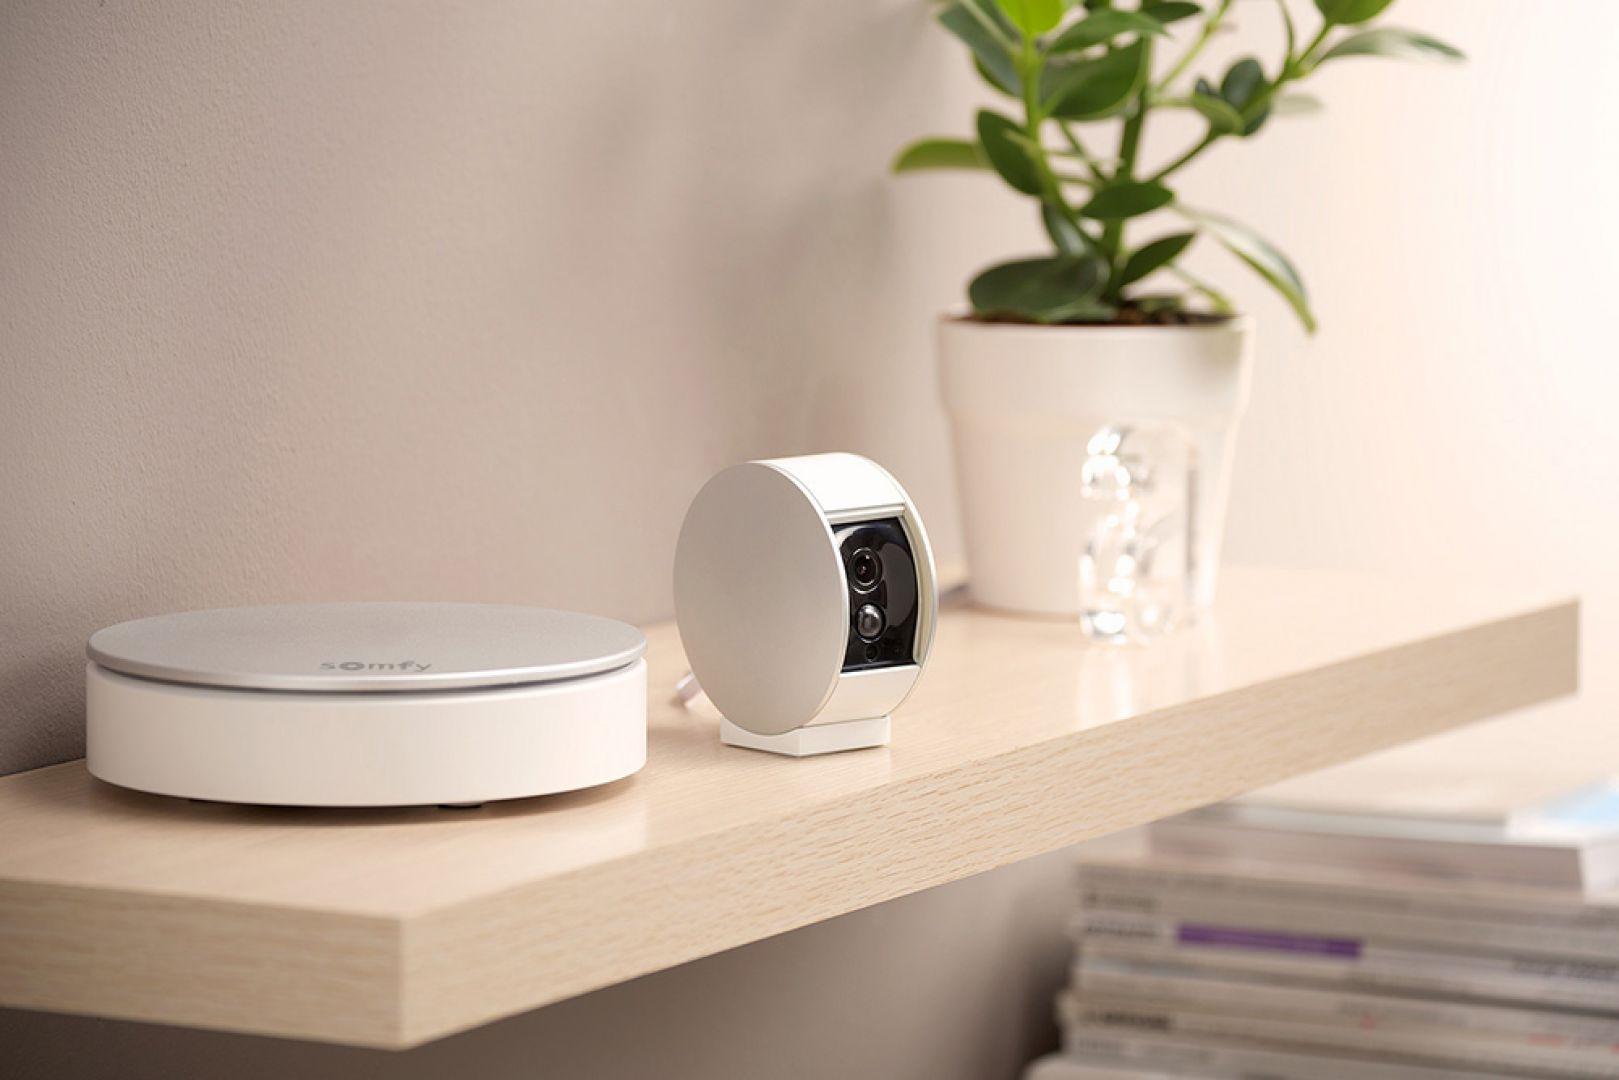 Kamera wewnętrzna/Somfy. Produkt zgłoszony do konkursu Dobry Design 2019.